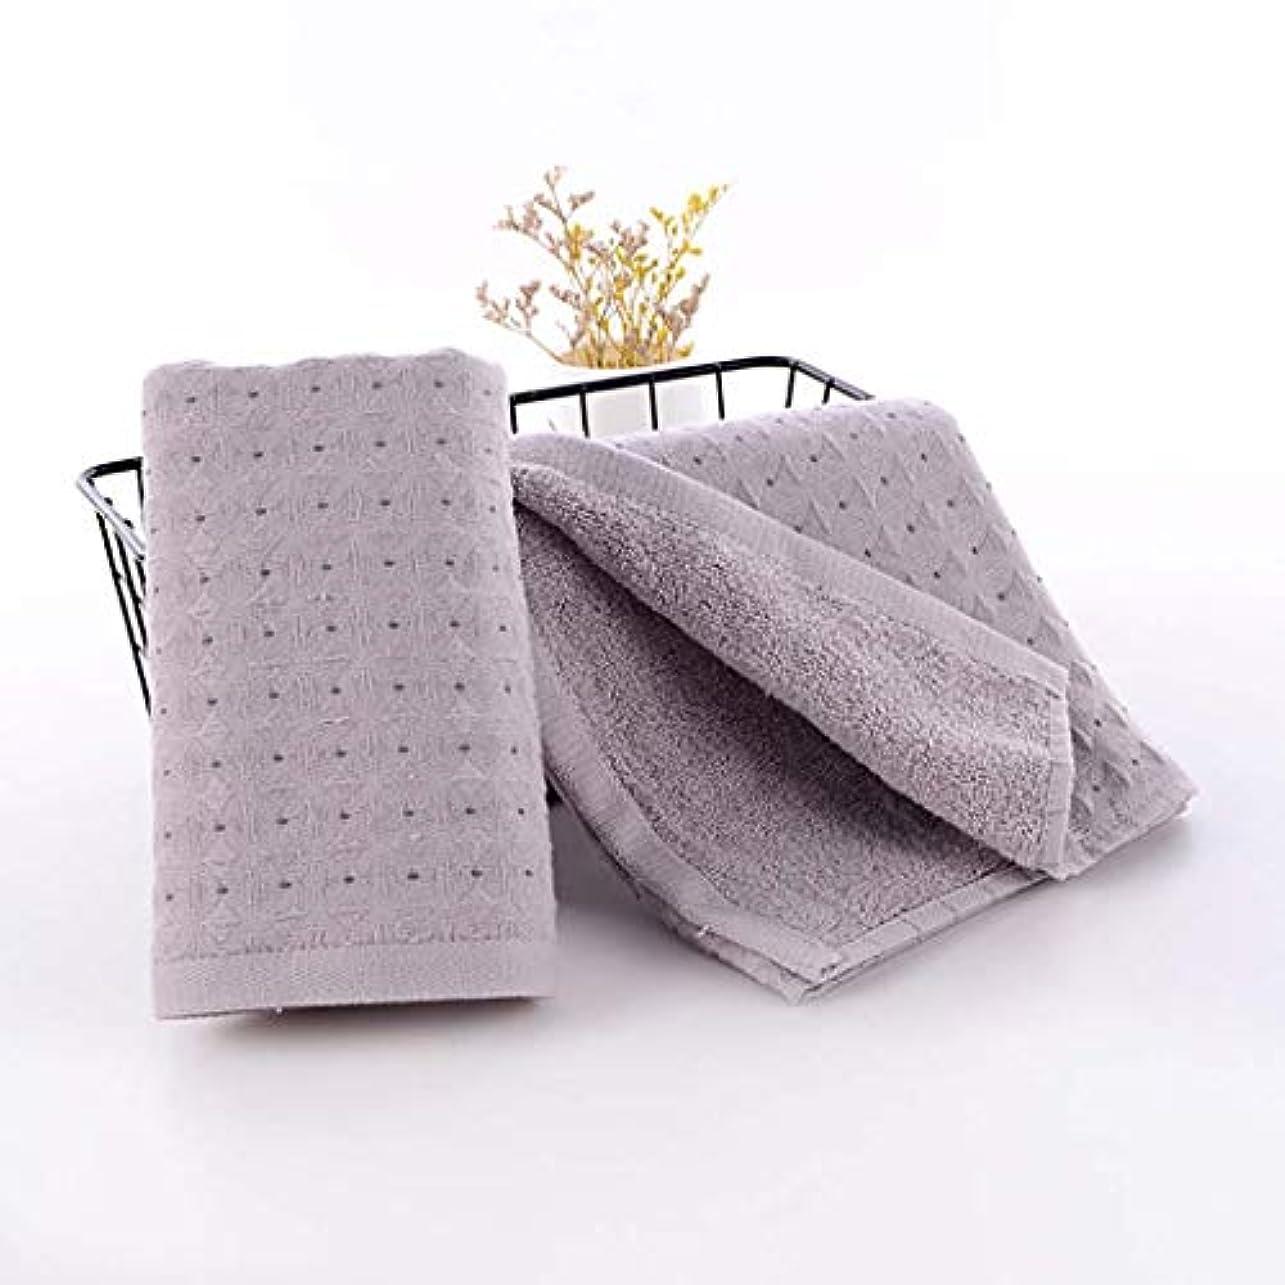 適用済み格納南西綿のハンドタオルの速い乾燥したタオルの速い乾燥したタオル,Gray,34*75cm